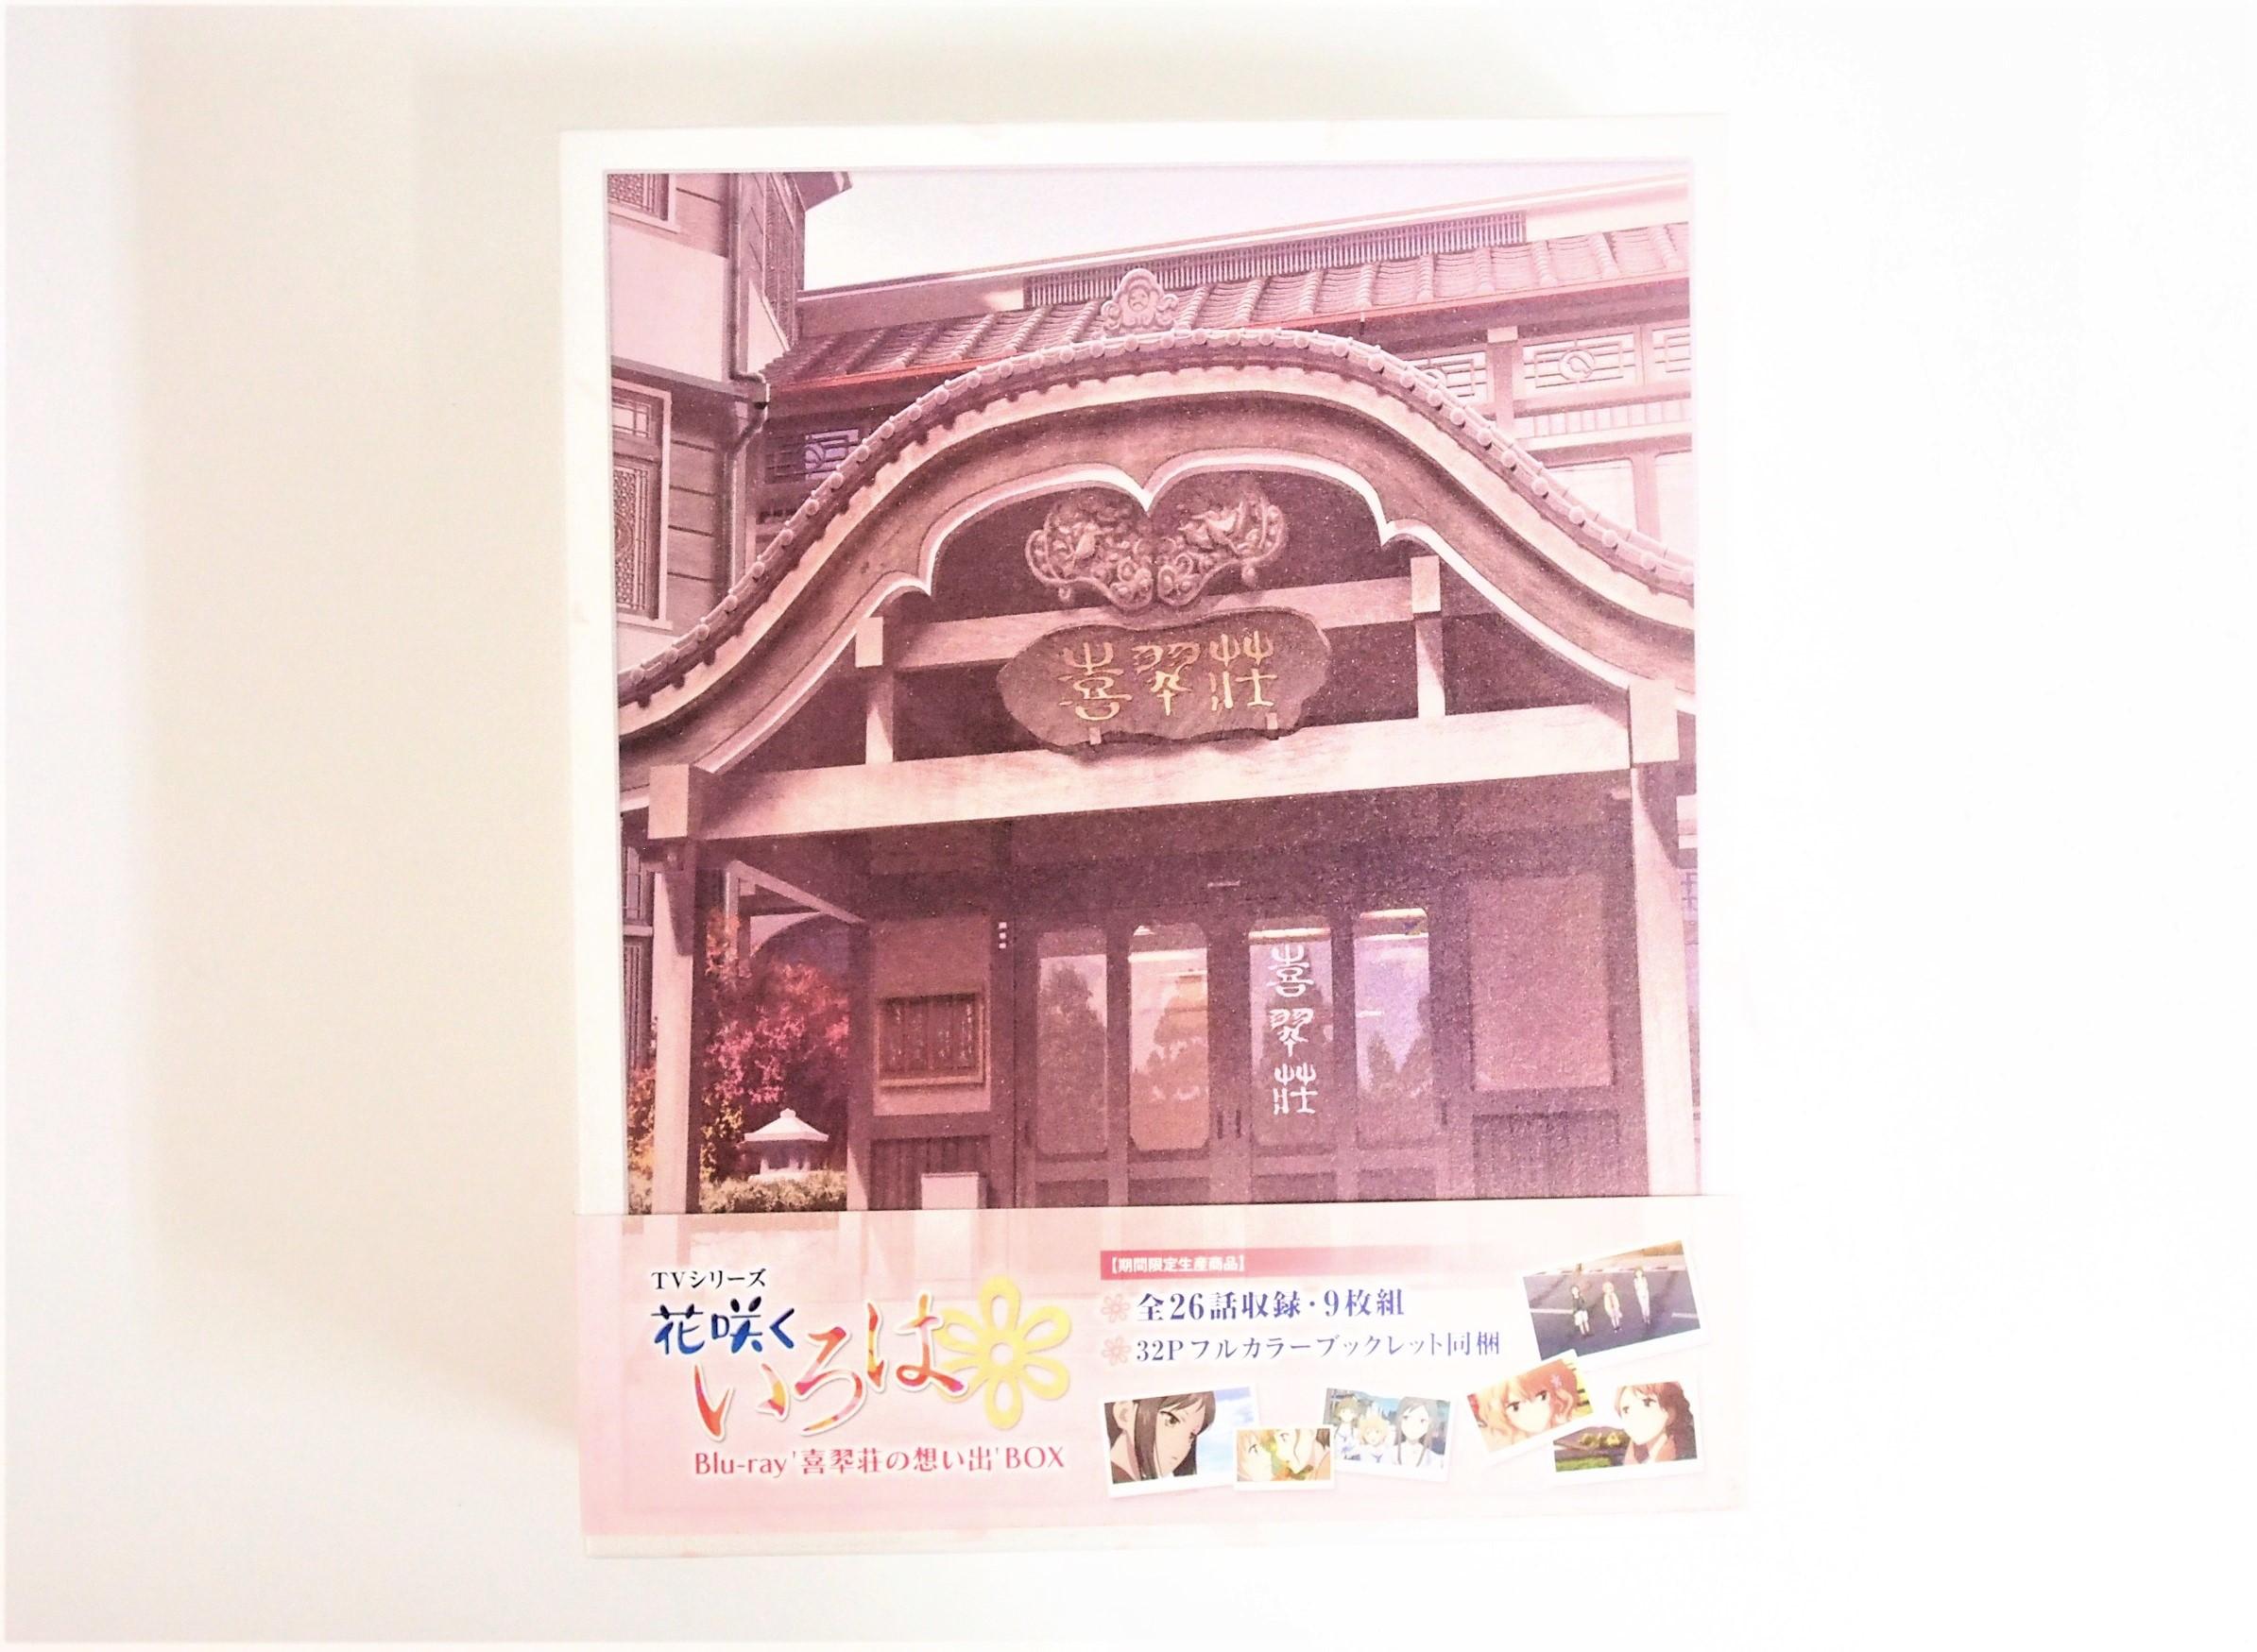 買取したBlu-ray花咲くいろは'喜翆荘の想い出'BOXの表紙